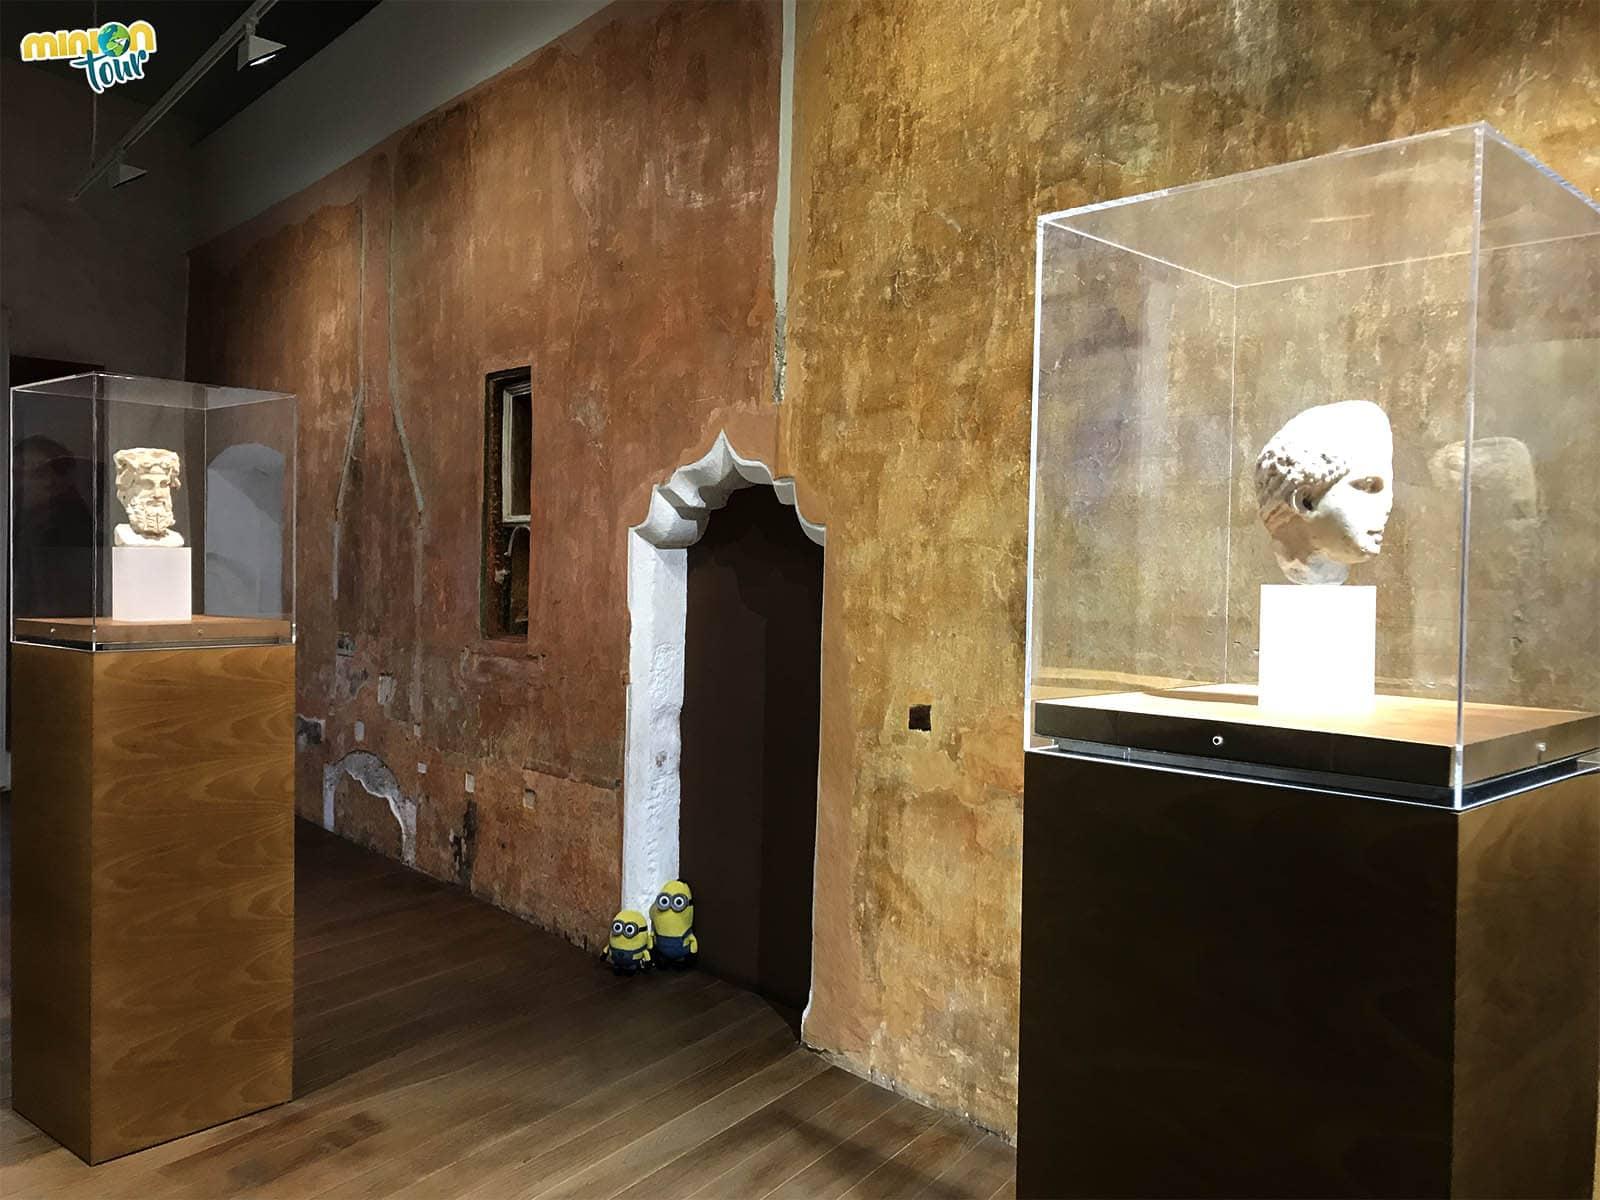 Sala del Museo Histórico de Sagunto